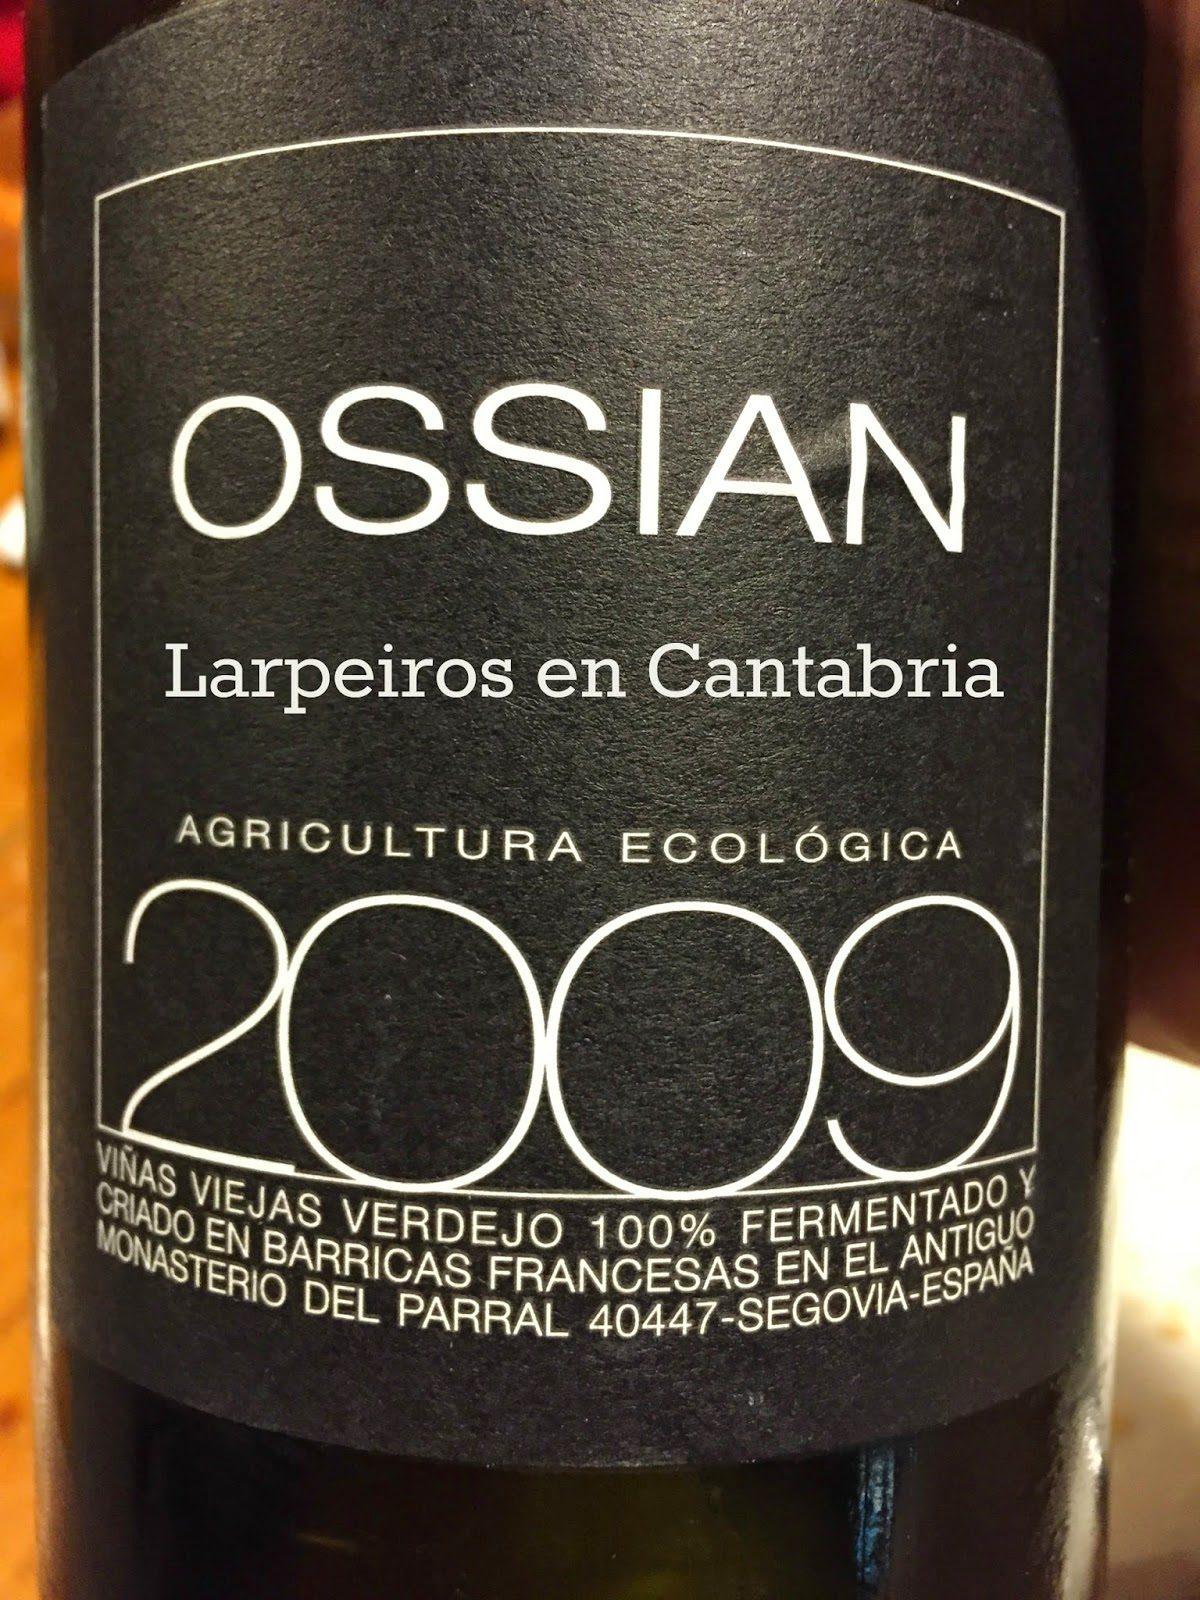 Vino Blanco Ossian 2009: Nos sigue enamorando